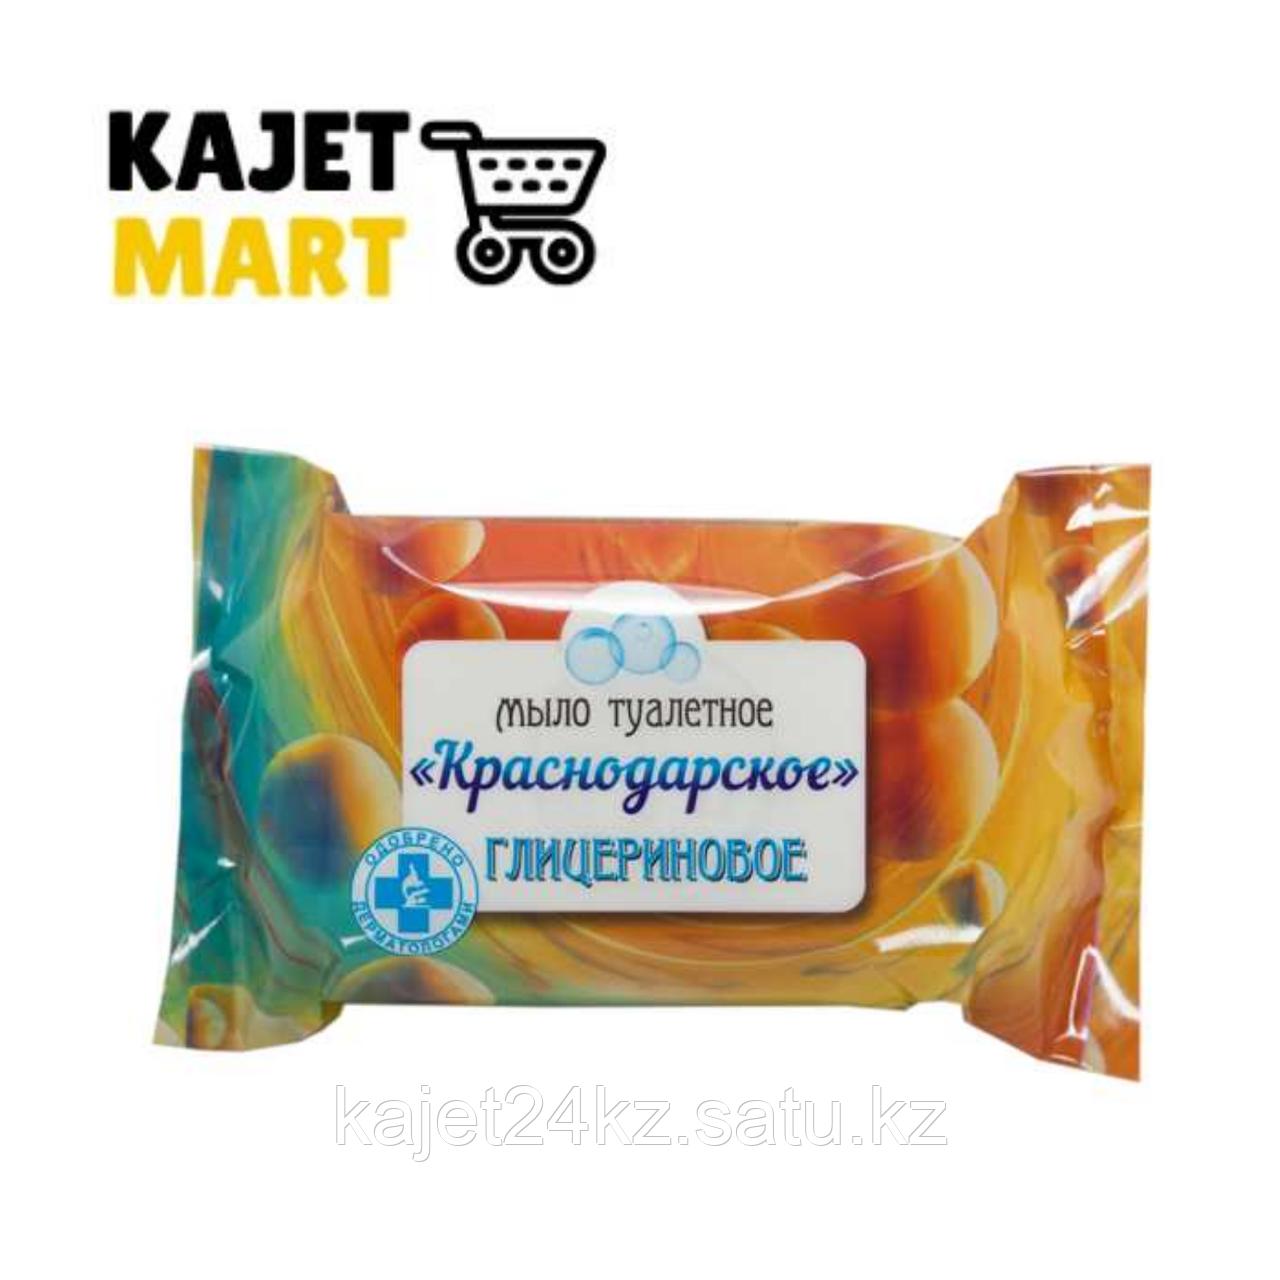 Мыло туалетное «Краснодарское» ГЛИЦЕРИНОВОЕ 200 гр